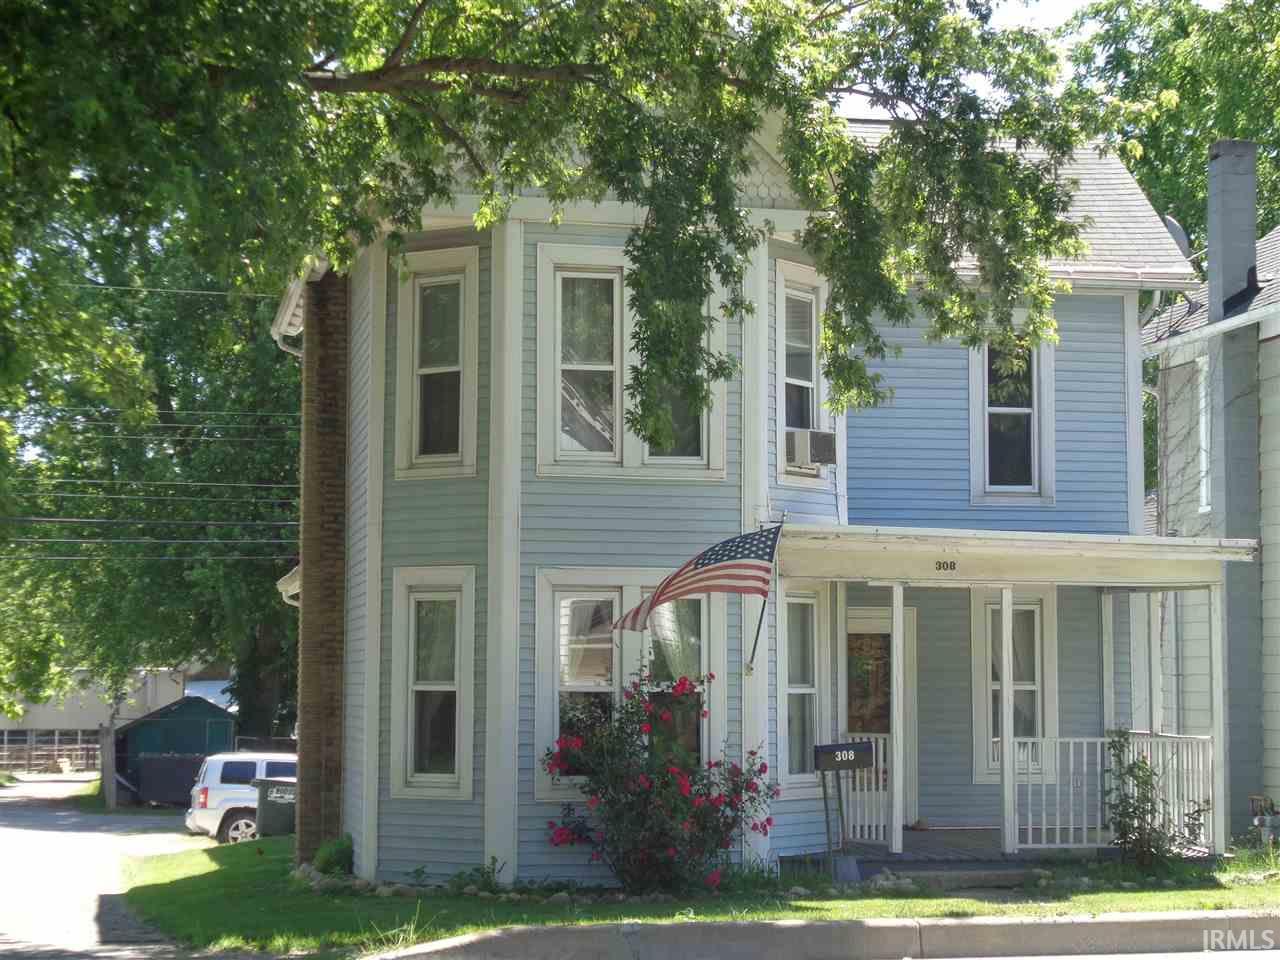 308 N Detroit Street, Lagrange, IN 46761